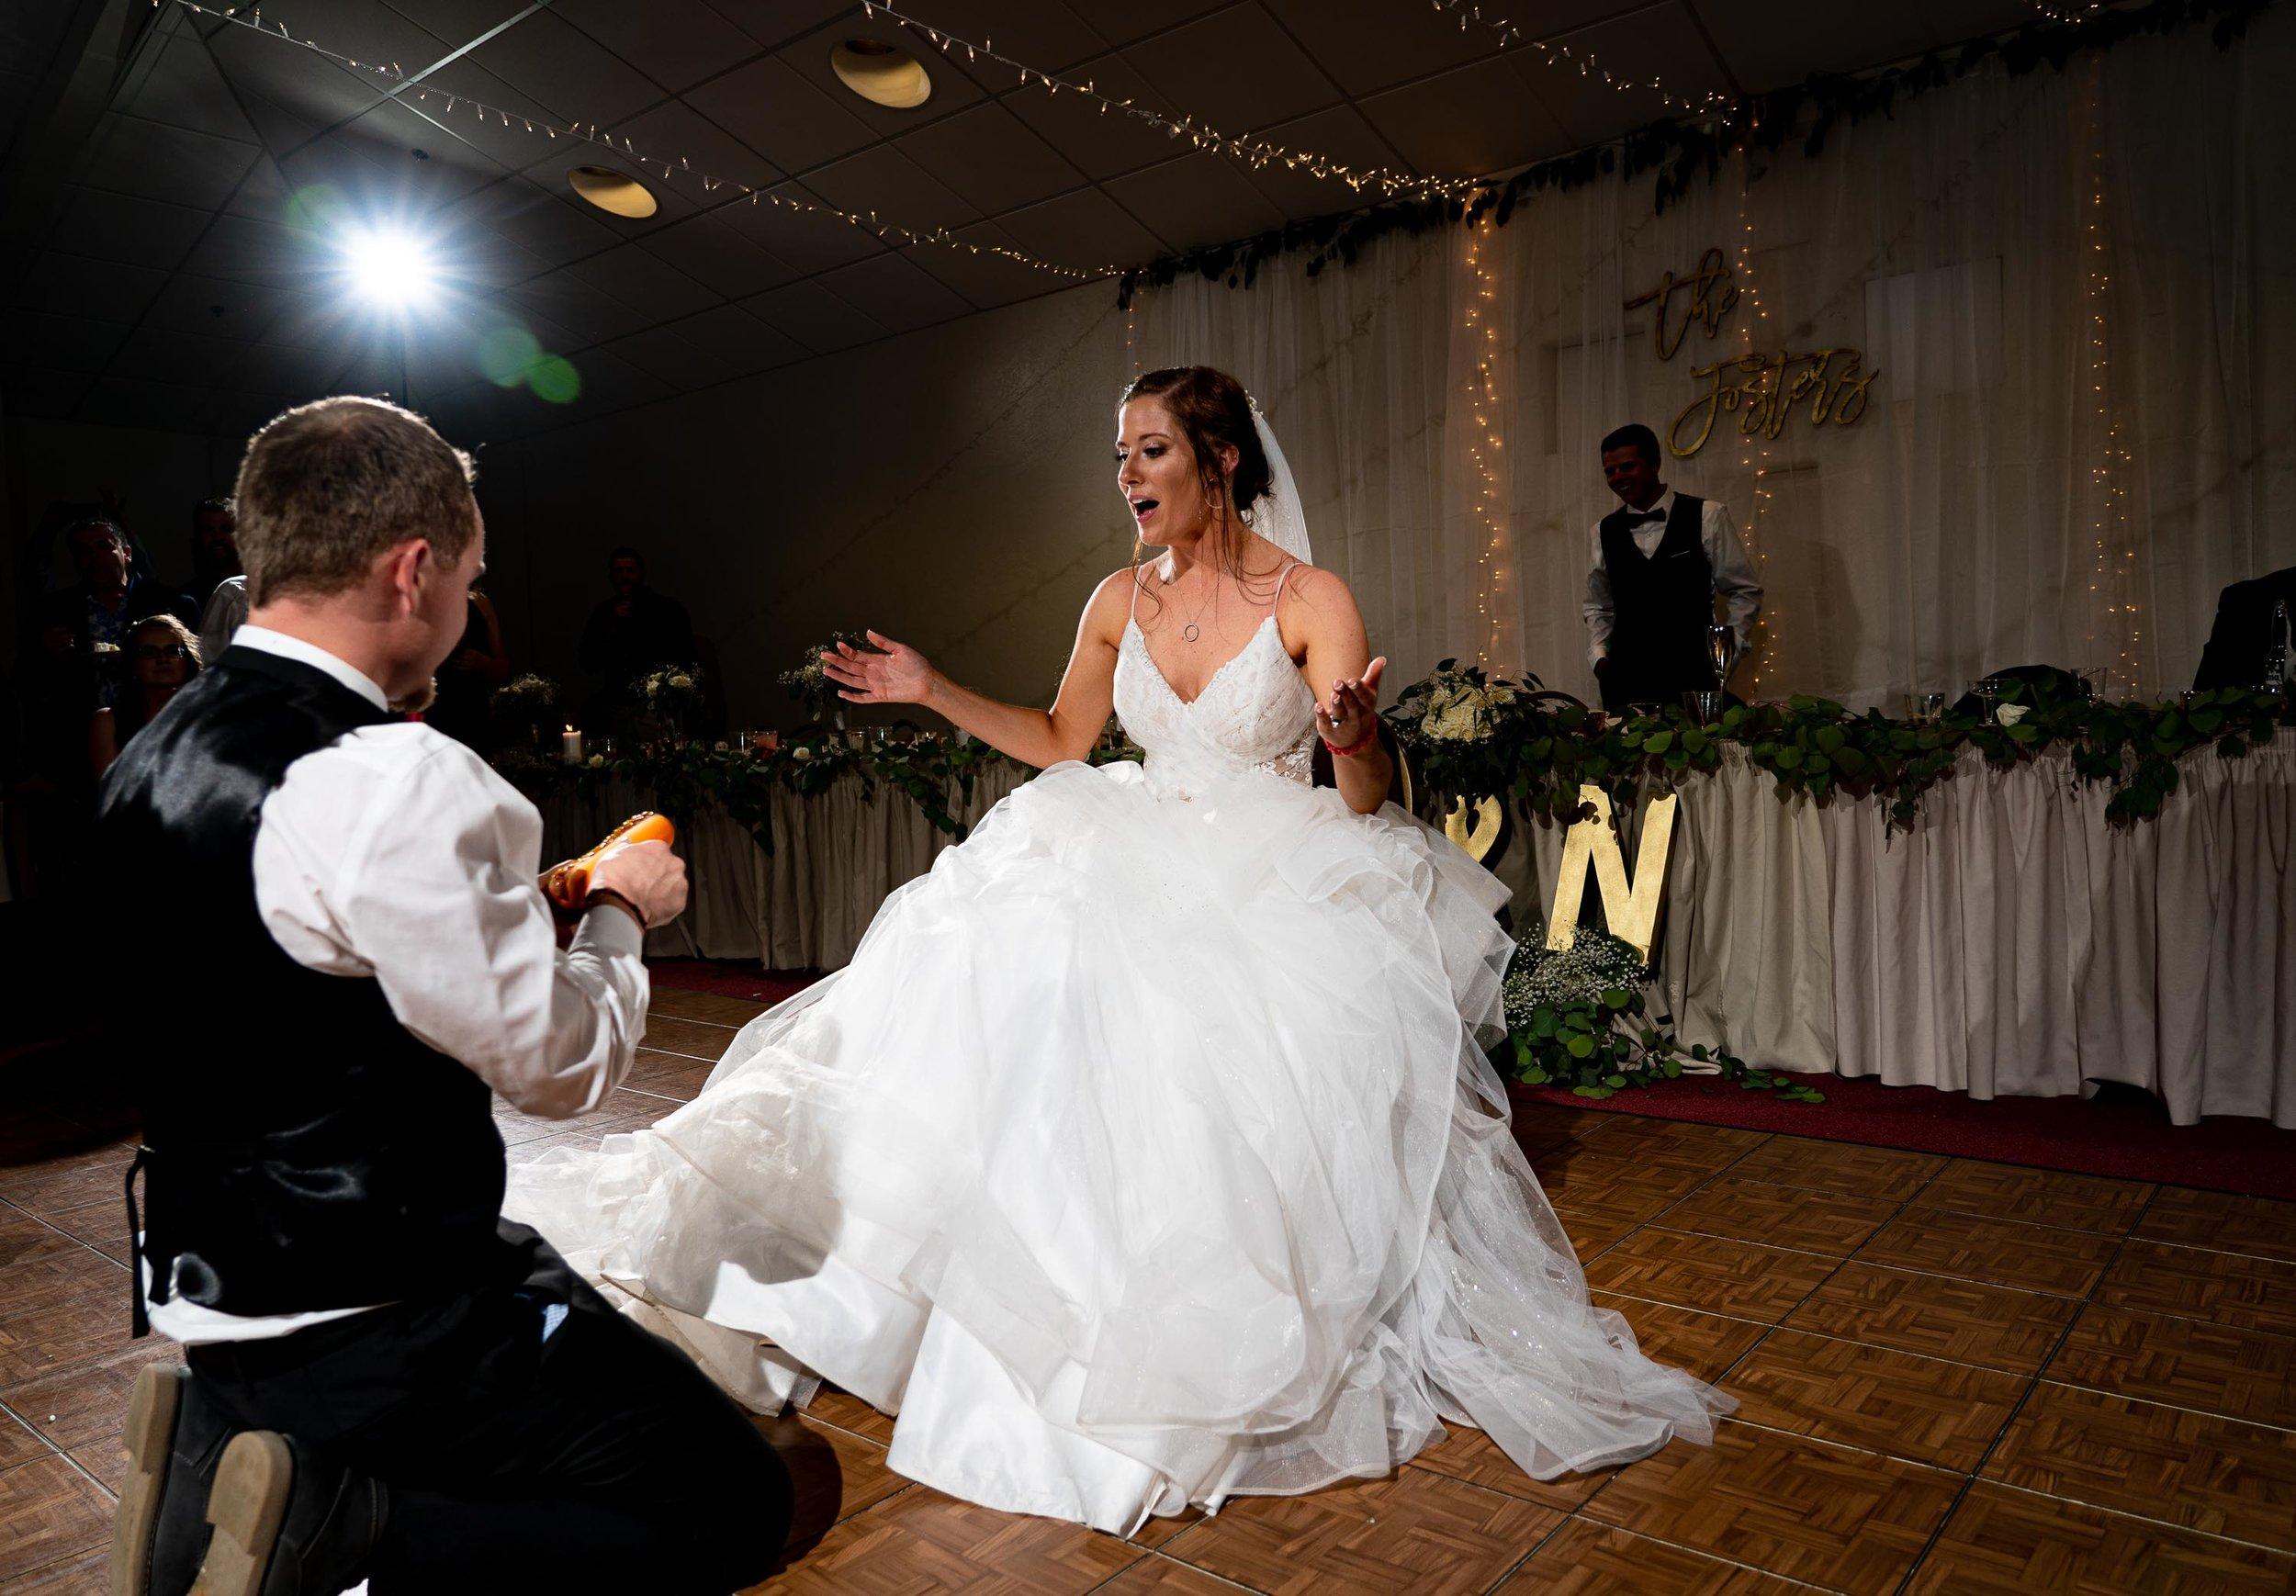 Kelsie_Nick_Ouray_Wedding-238.jpg